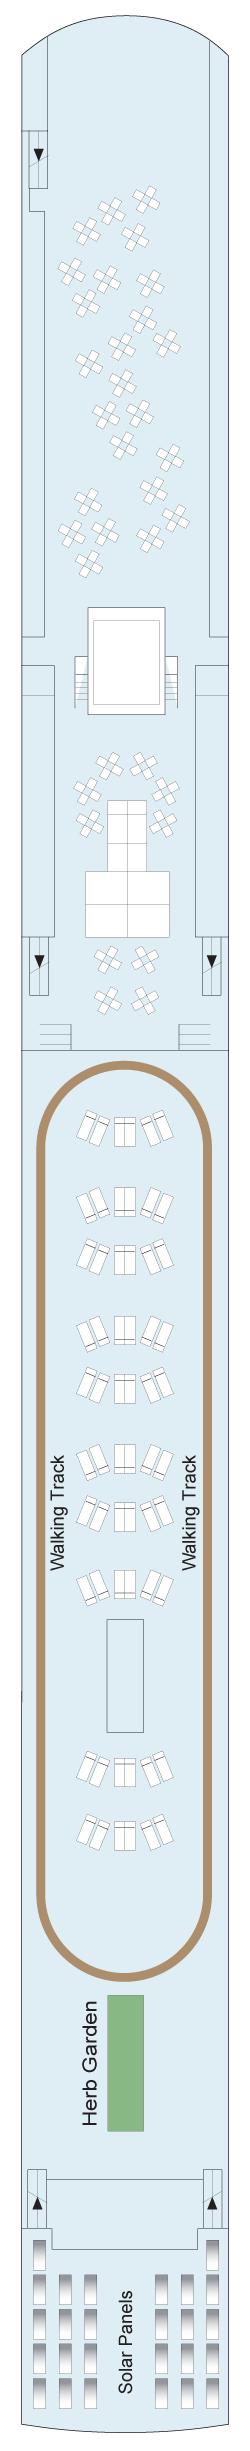 Viking Ingvi Sun Deck